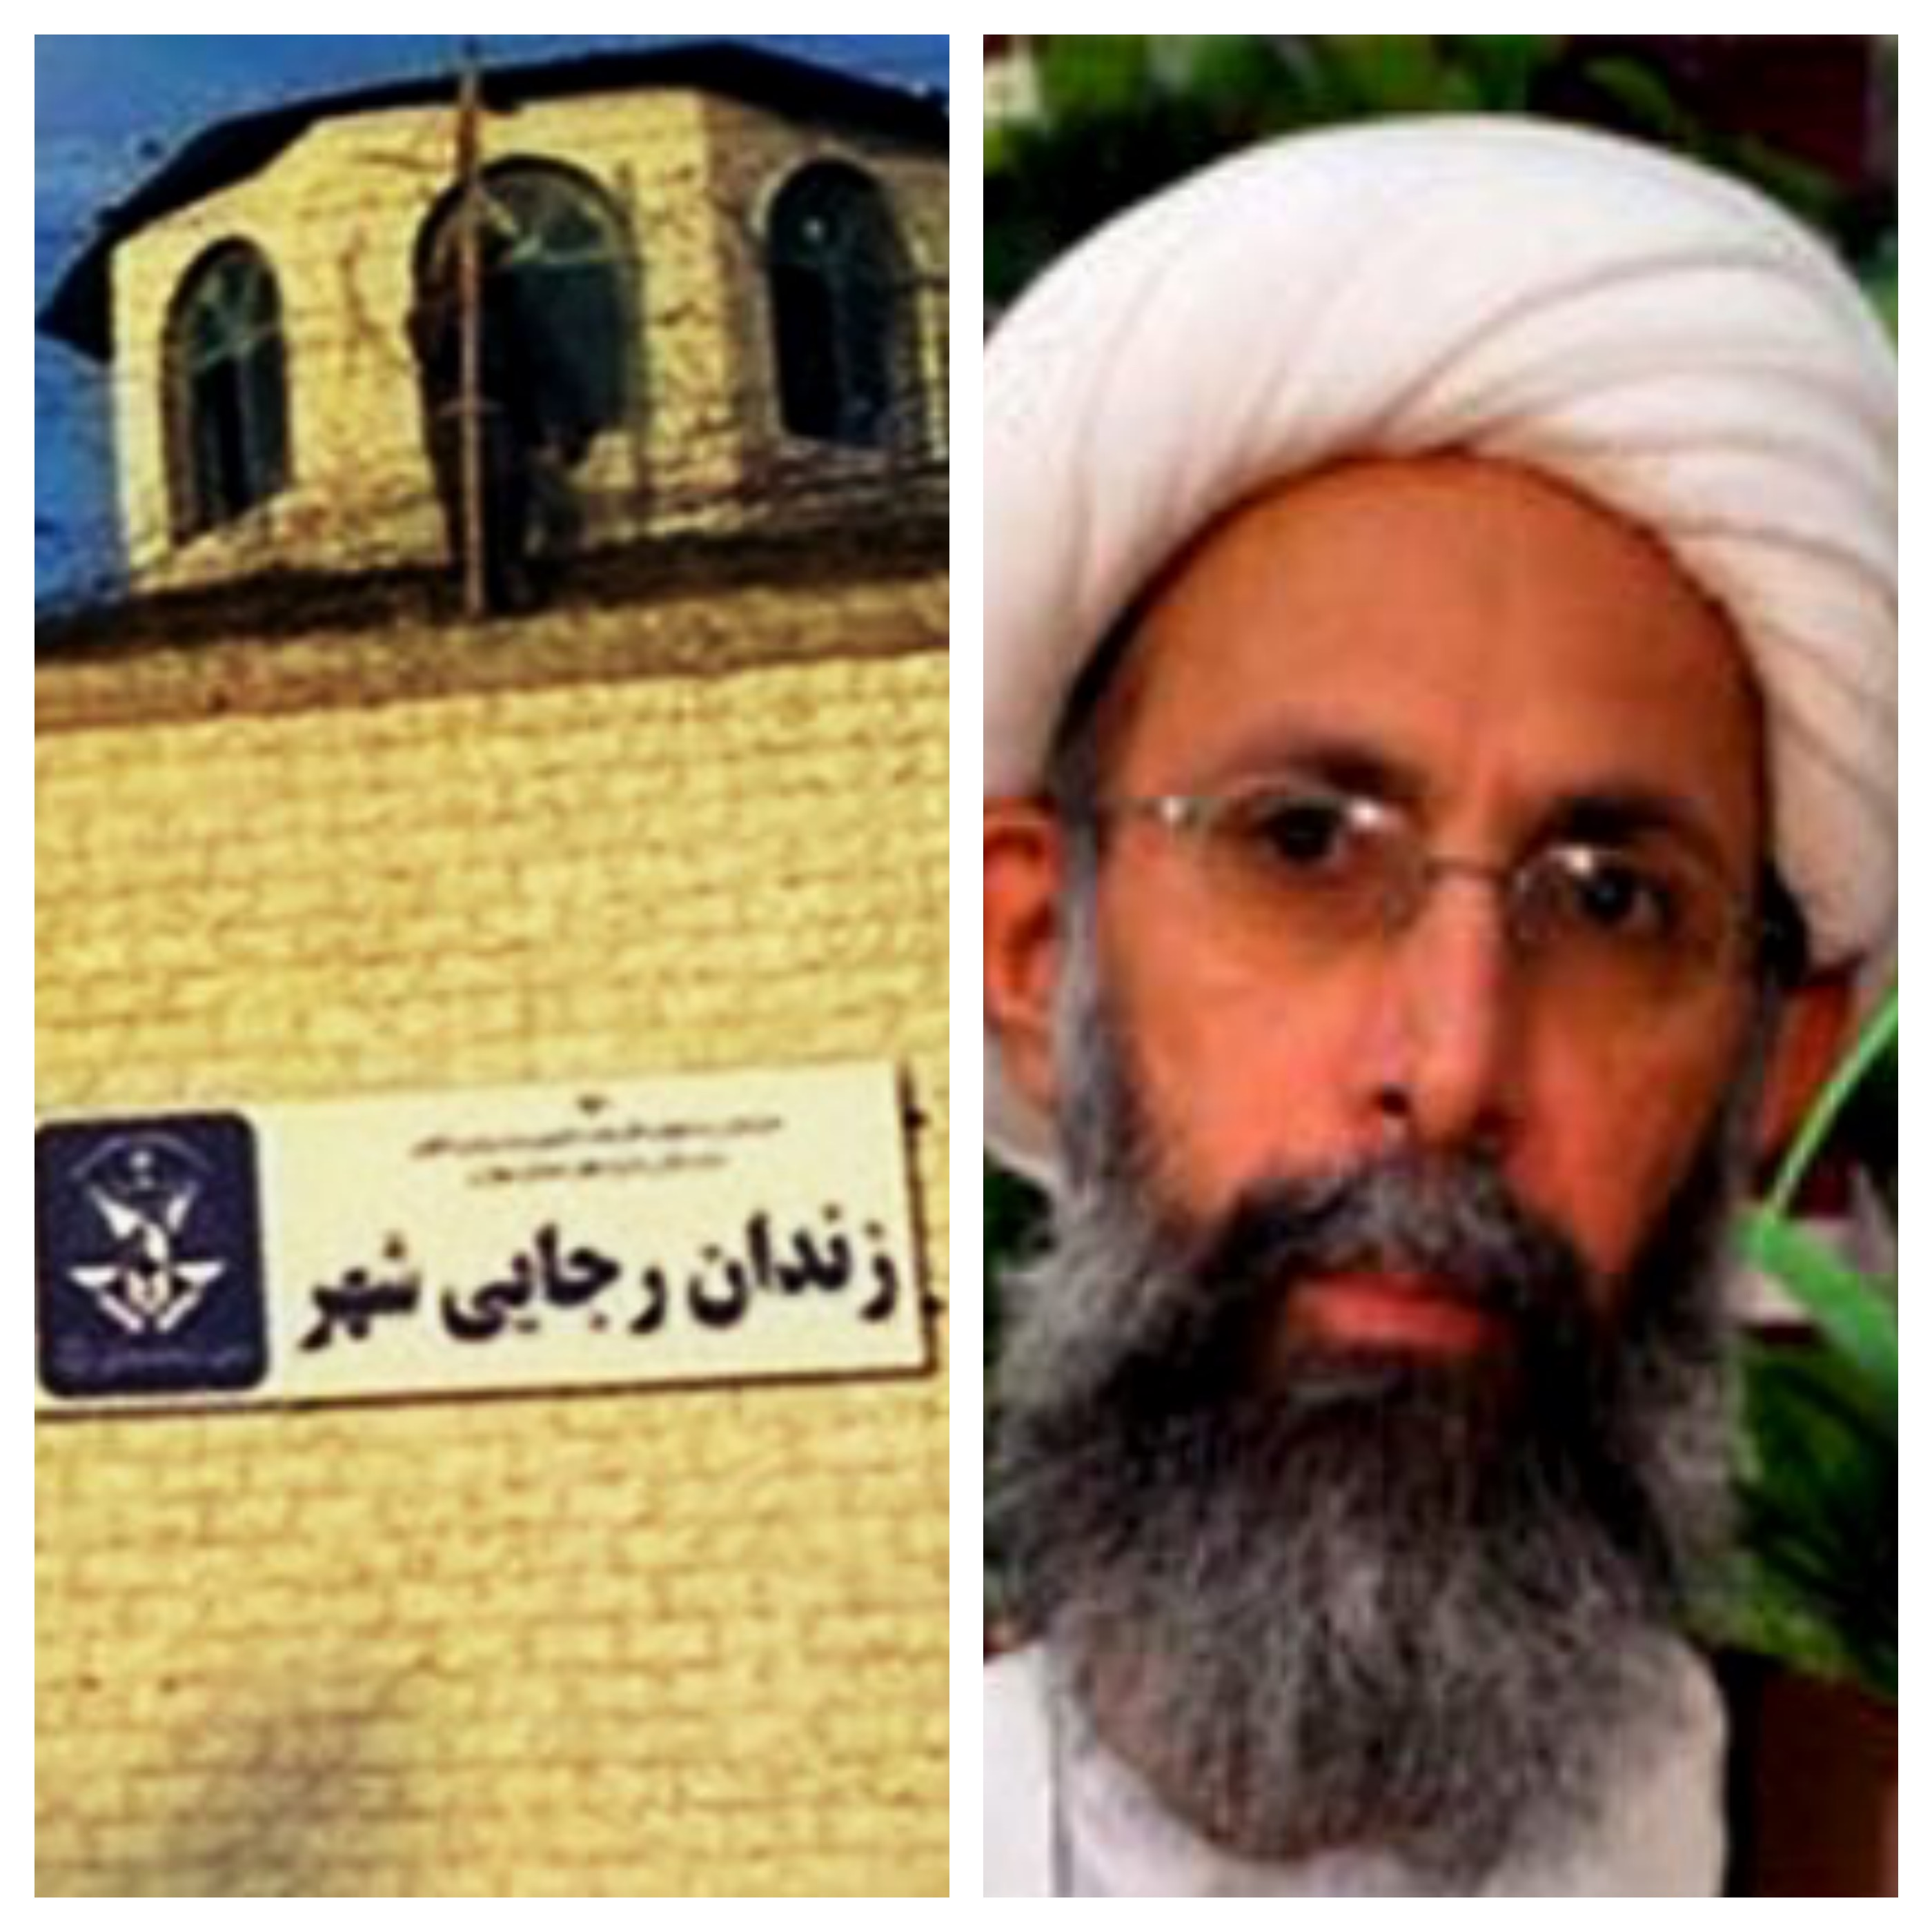 اجرای احکام اعدام زندانیان «اهل سنت» زندان رجاییشهر در پی اعدام شیخ نمر باقر النمر